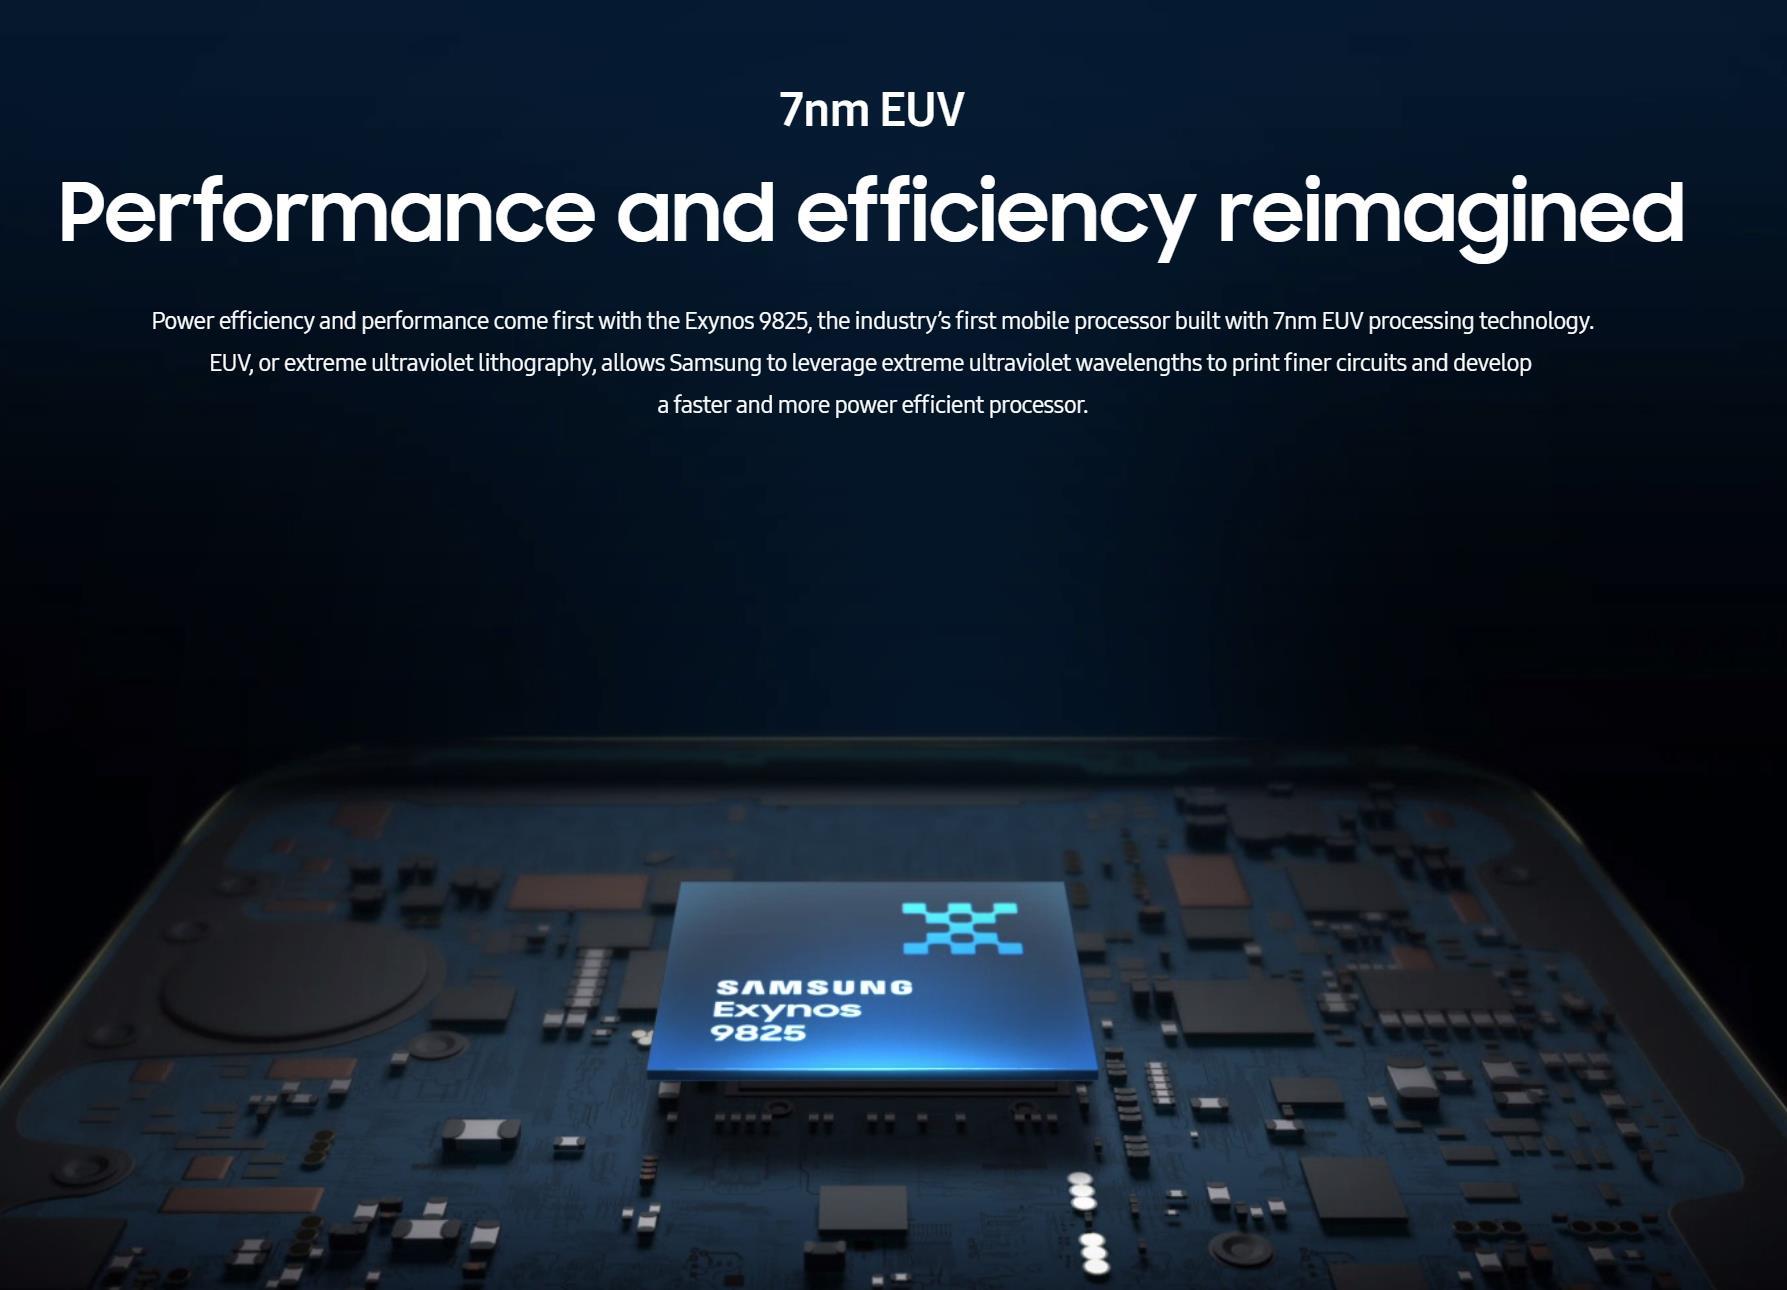 华为5G芯片都靠它?台积电7nn EUV 工艺正式商用_nm